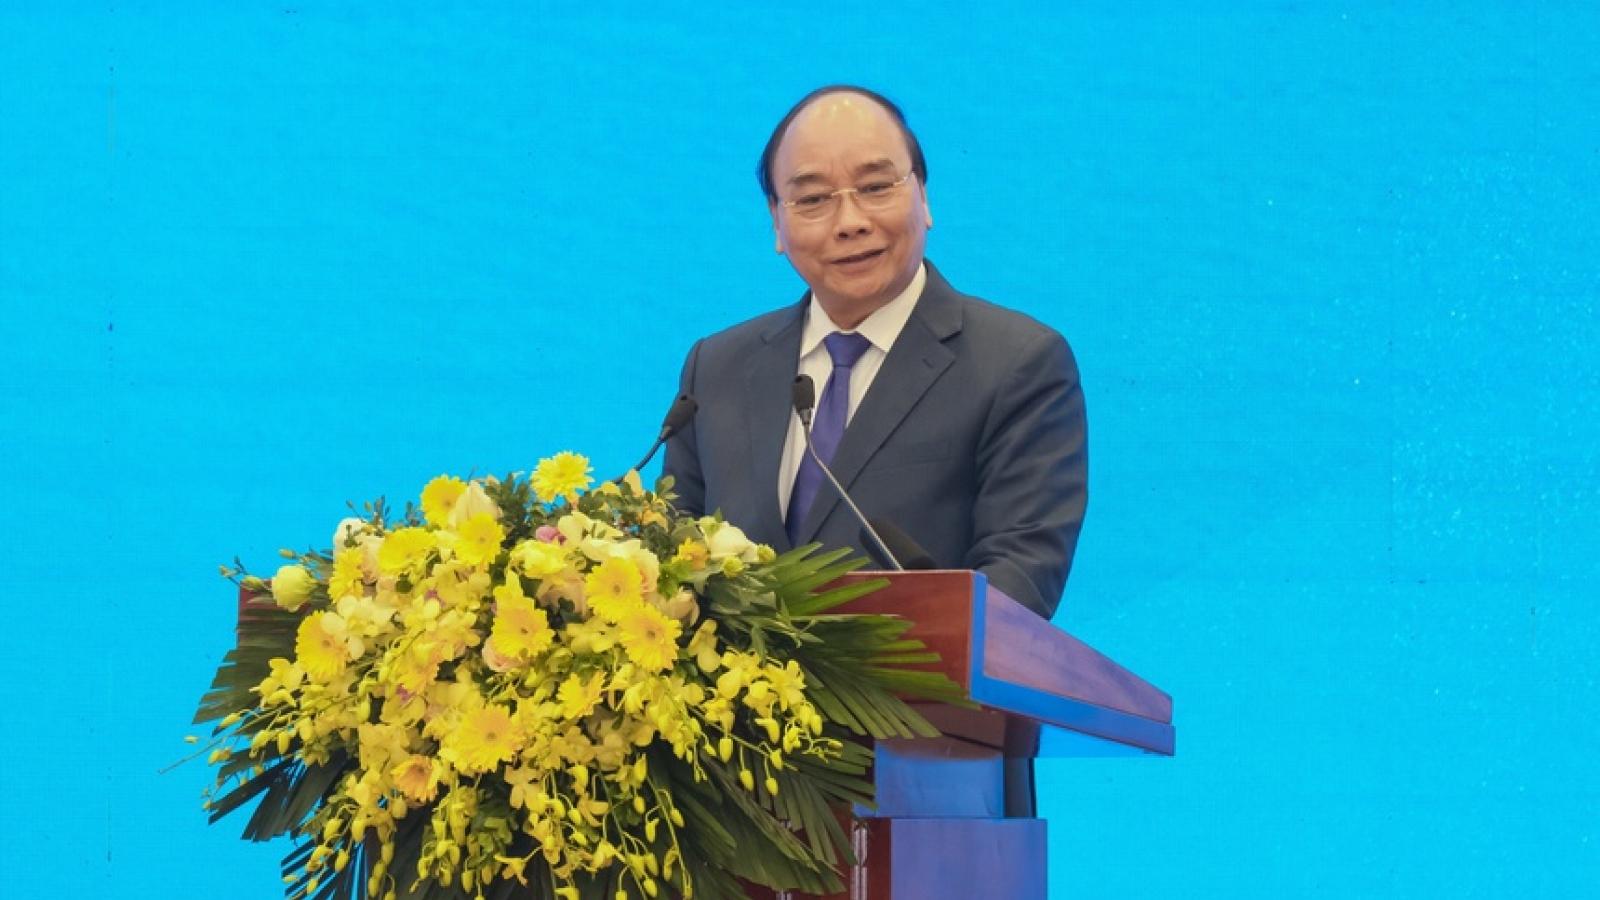 """Thủ tướng nhấn mạnh nhiệm vụ ngành Công Thương trong thúc đẩy """"cỗ xe tam mã"""""""